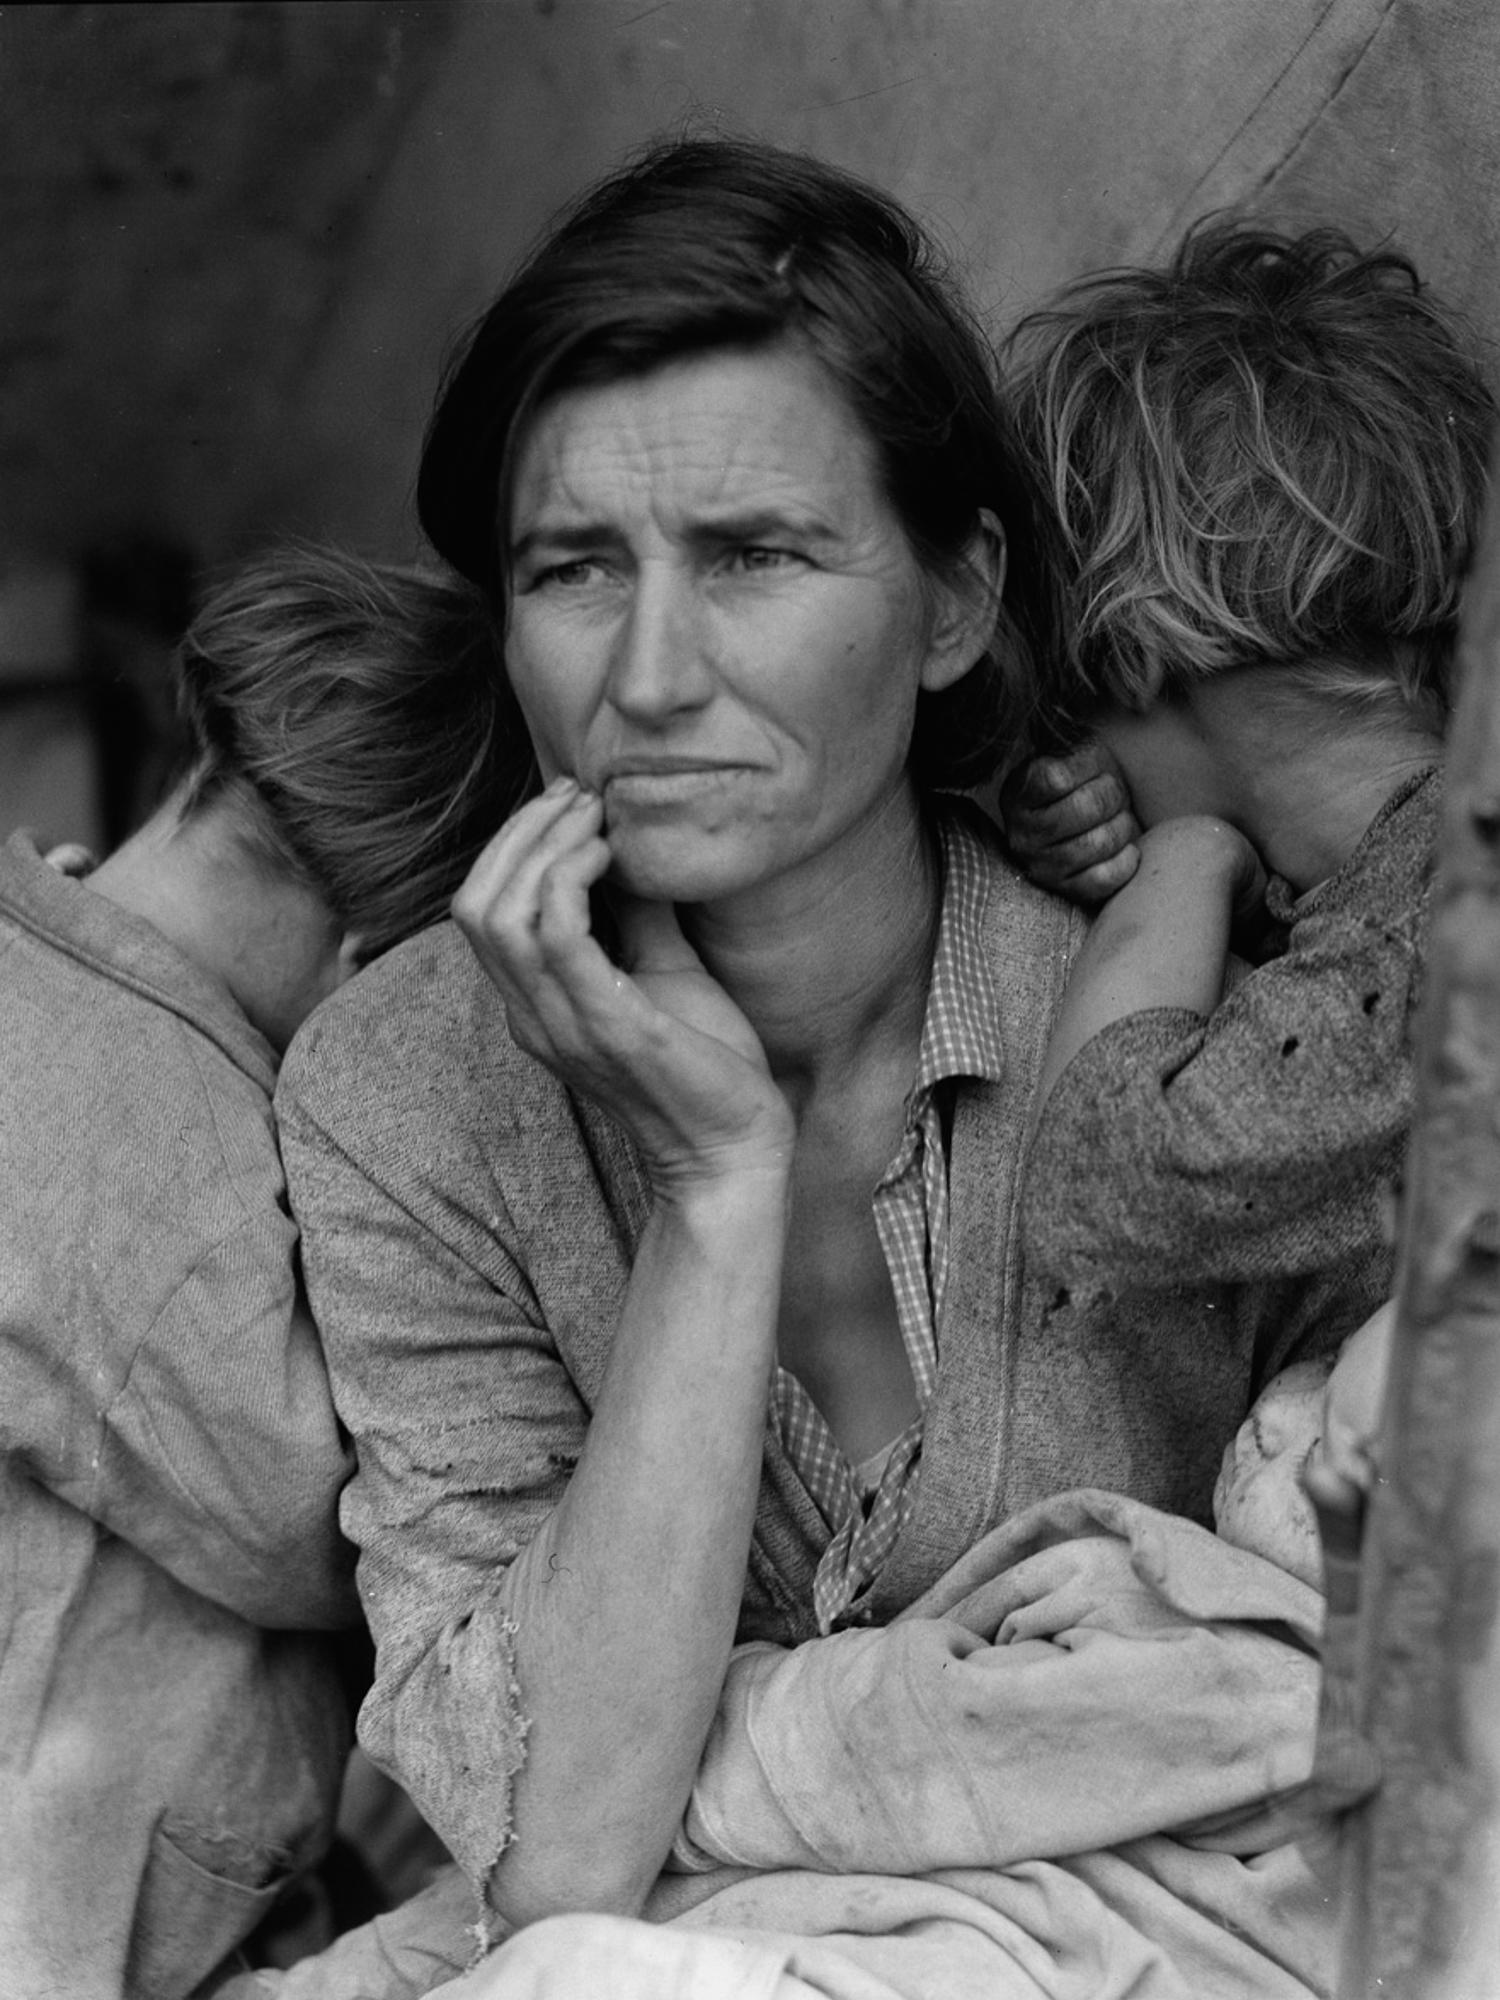 Bildanalyse der einflussreichsten Fotos aller Zeiten